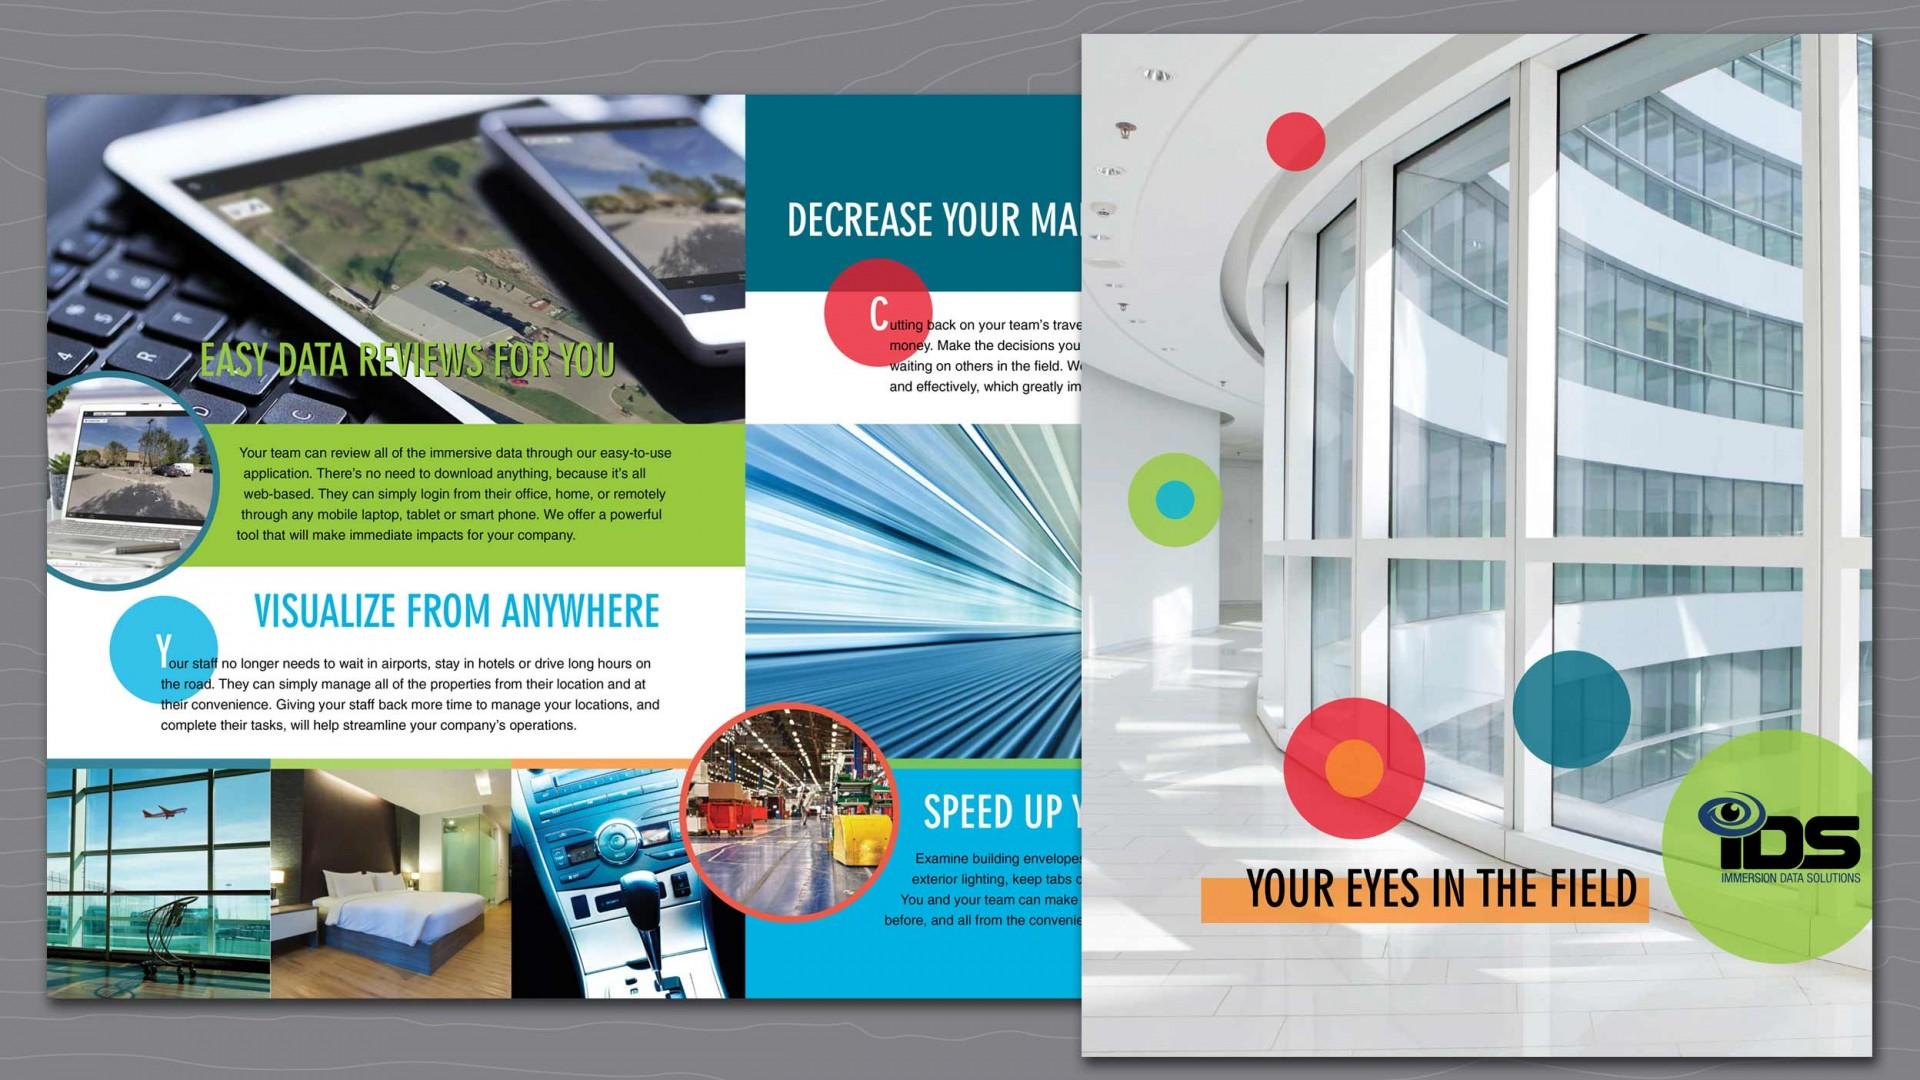 IDS capabilities brochure composite view.